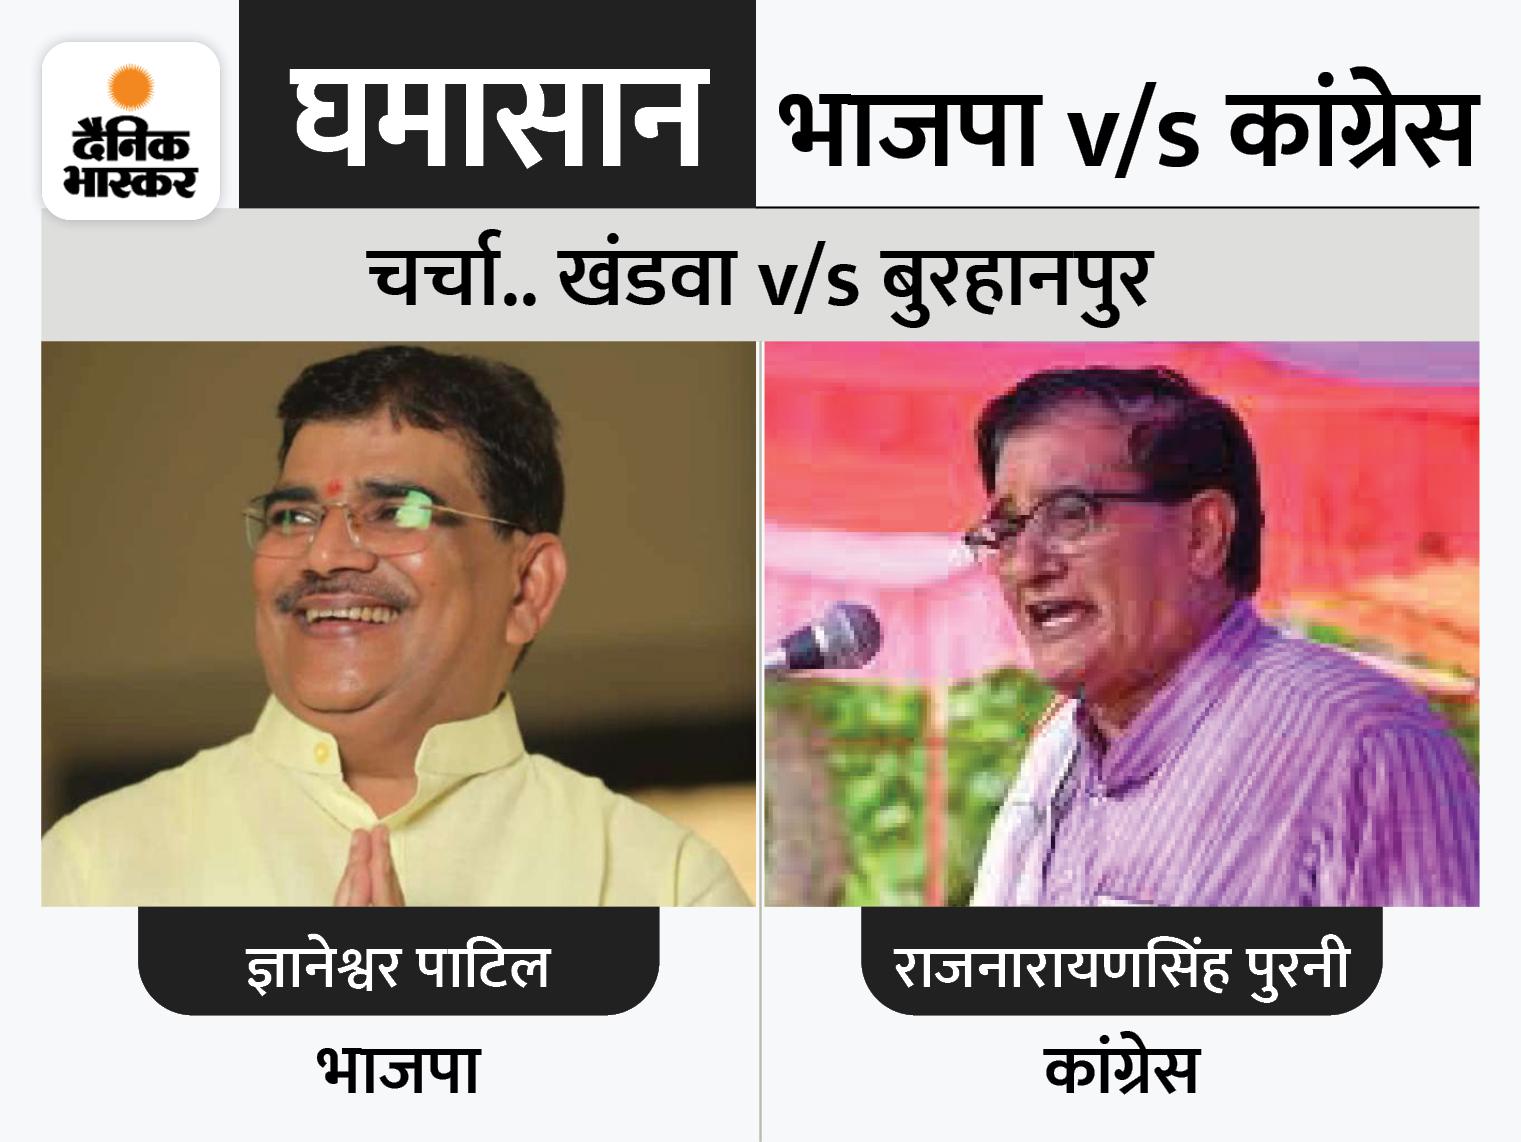 BJP-कांग्रेस से खंडवा V/s बुरहानपुर की चर्चा, 12 चुनावों से BJP का बुरहानपुर से ही कैंडिडेट; कांग्रेस से इस बार खंडवा को मौका|खंडवा,Khandwa - Dainik Bhaskar